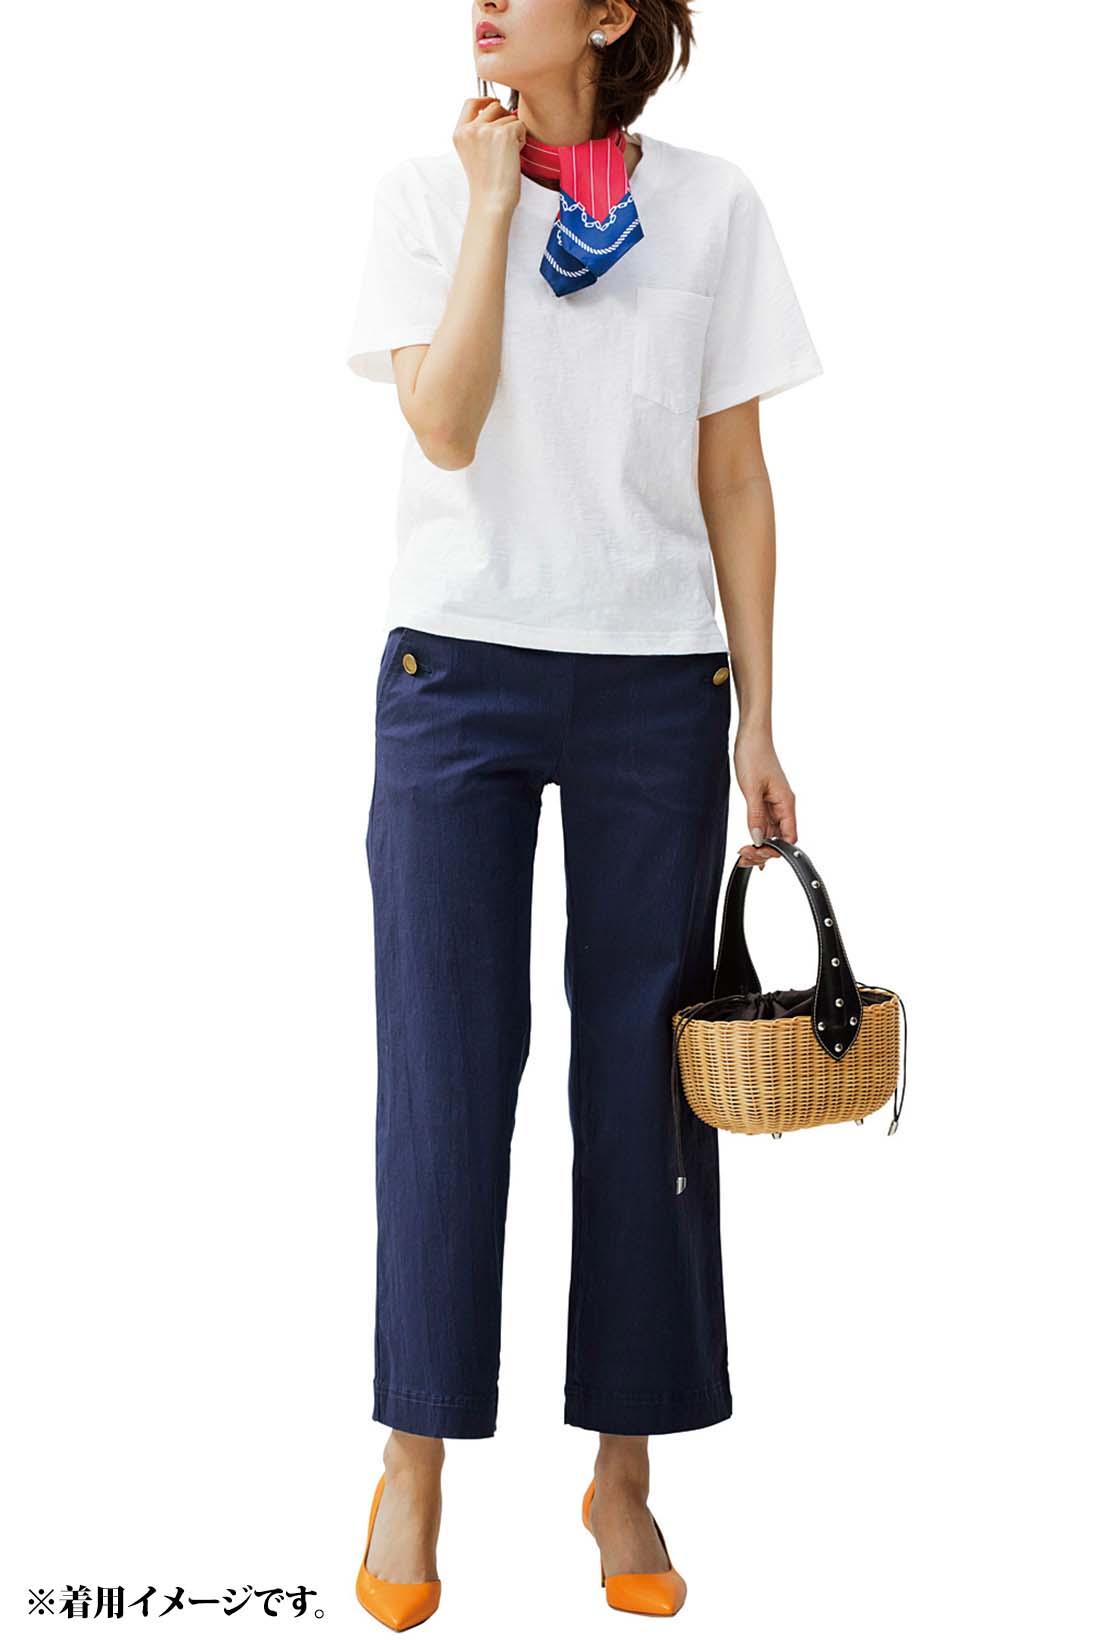 【Short】ボックスシルエットのショート丈はマリンパンツと好相性。差し色を効果的に使えばリッチカジュアルに。